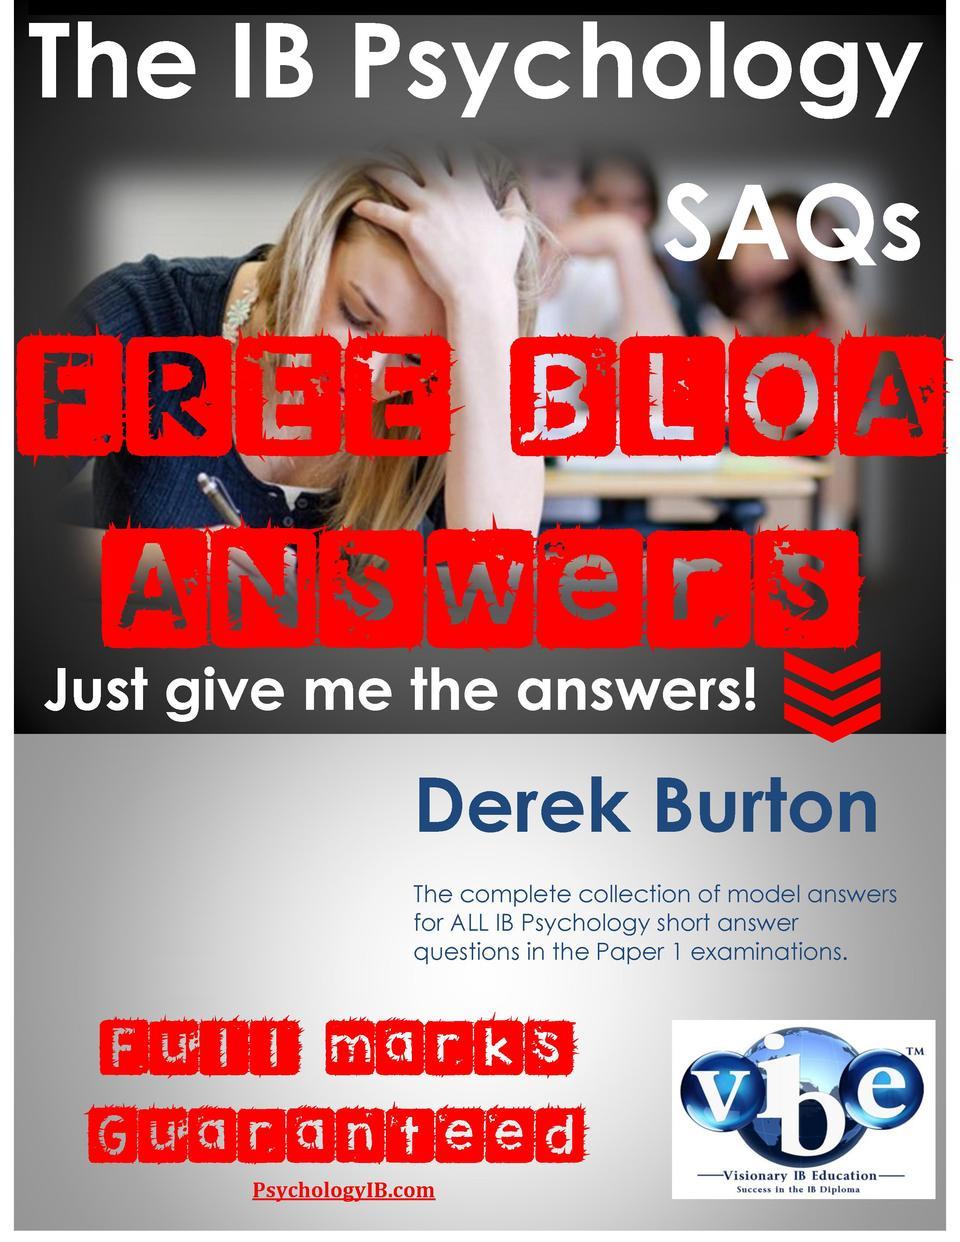 IB Psychology - Free BLOA SAQs : simplebooklet com